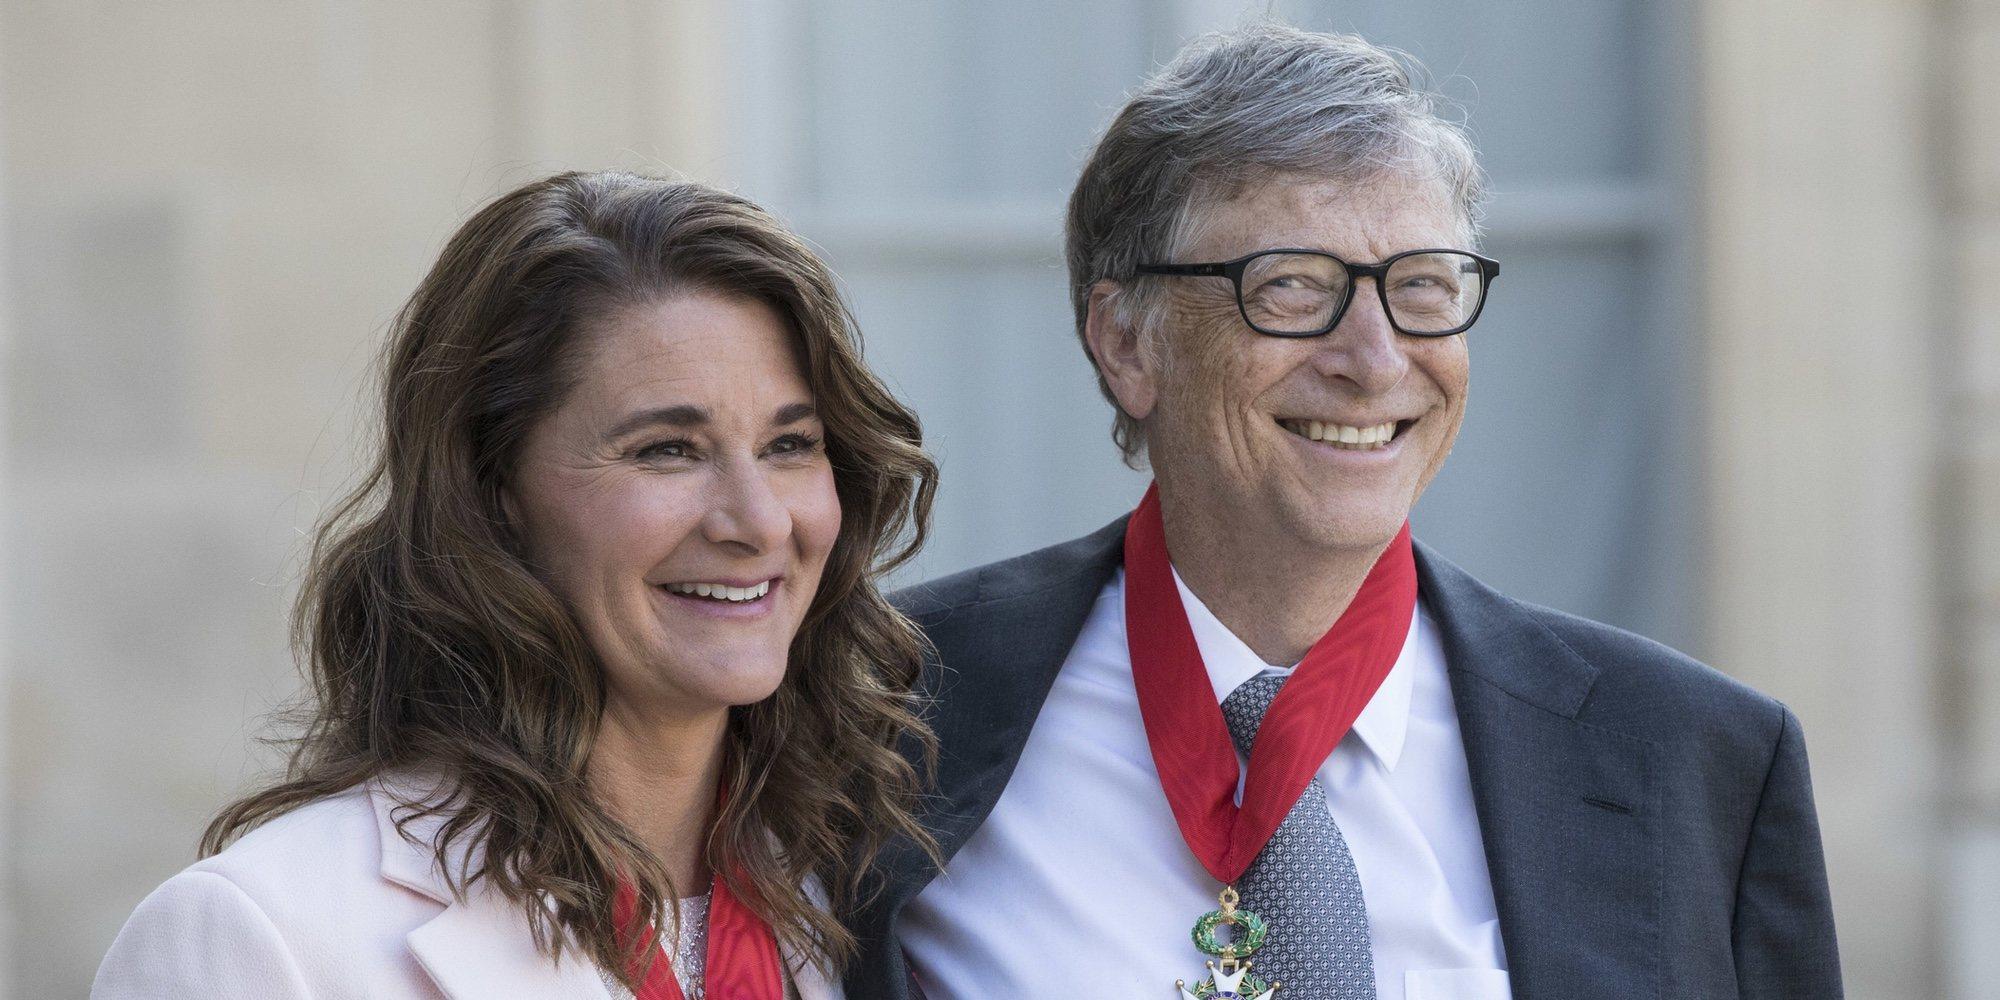 Bill Gates y Melinda Gates anuncian su divorcio tras 27 años de matrimonio